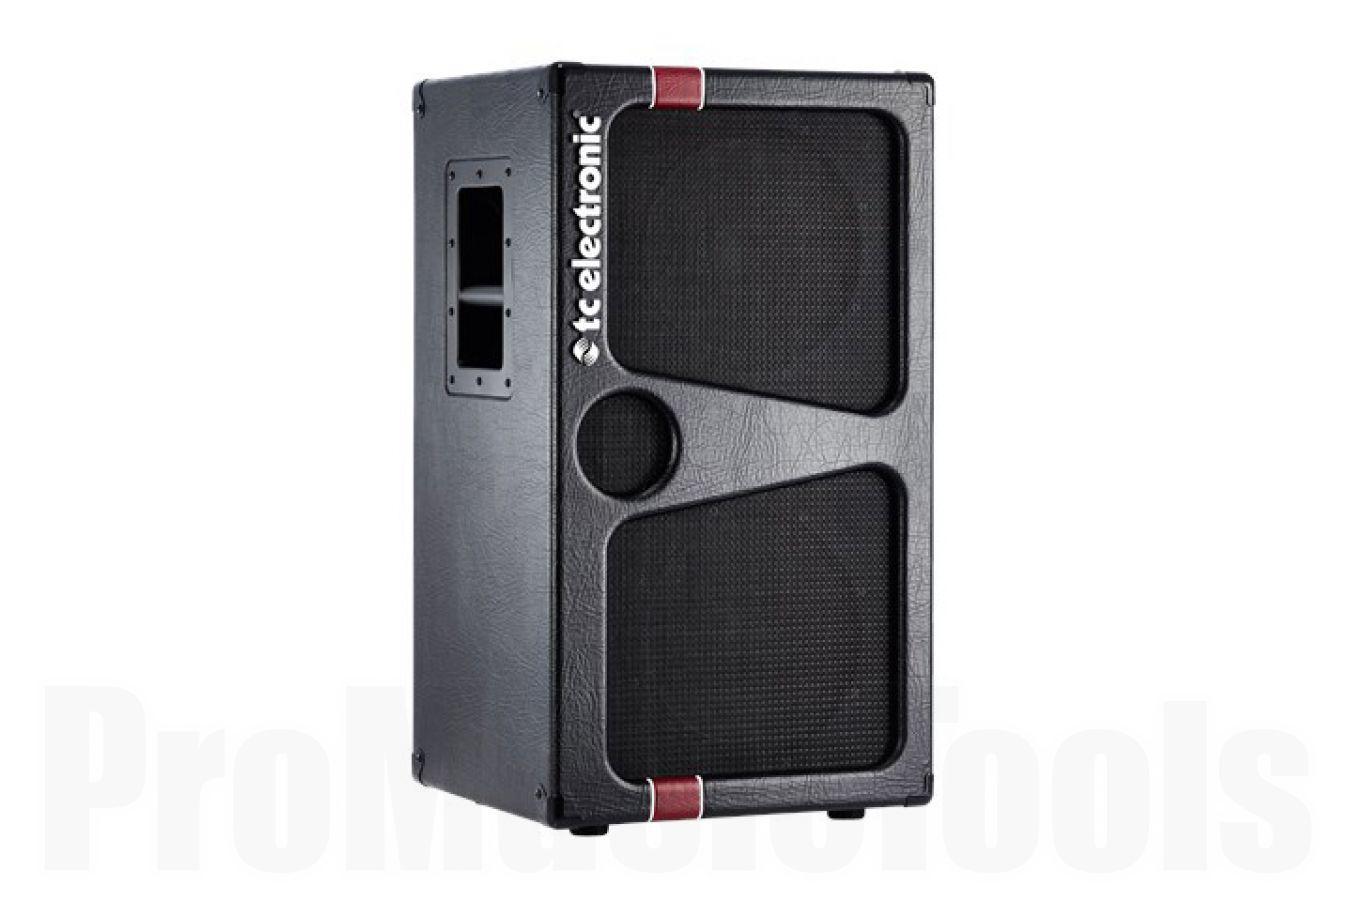 TC Electronic K210 - b-stock (1x opened box)